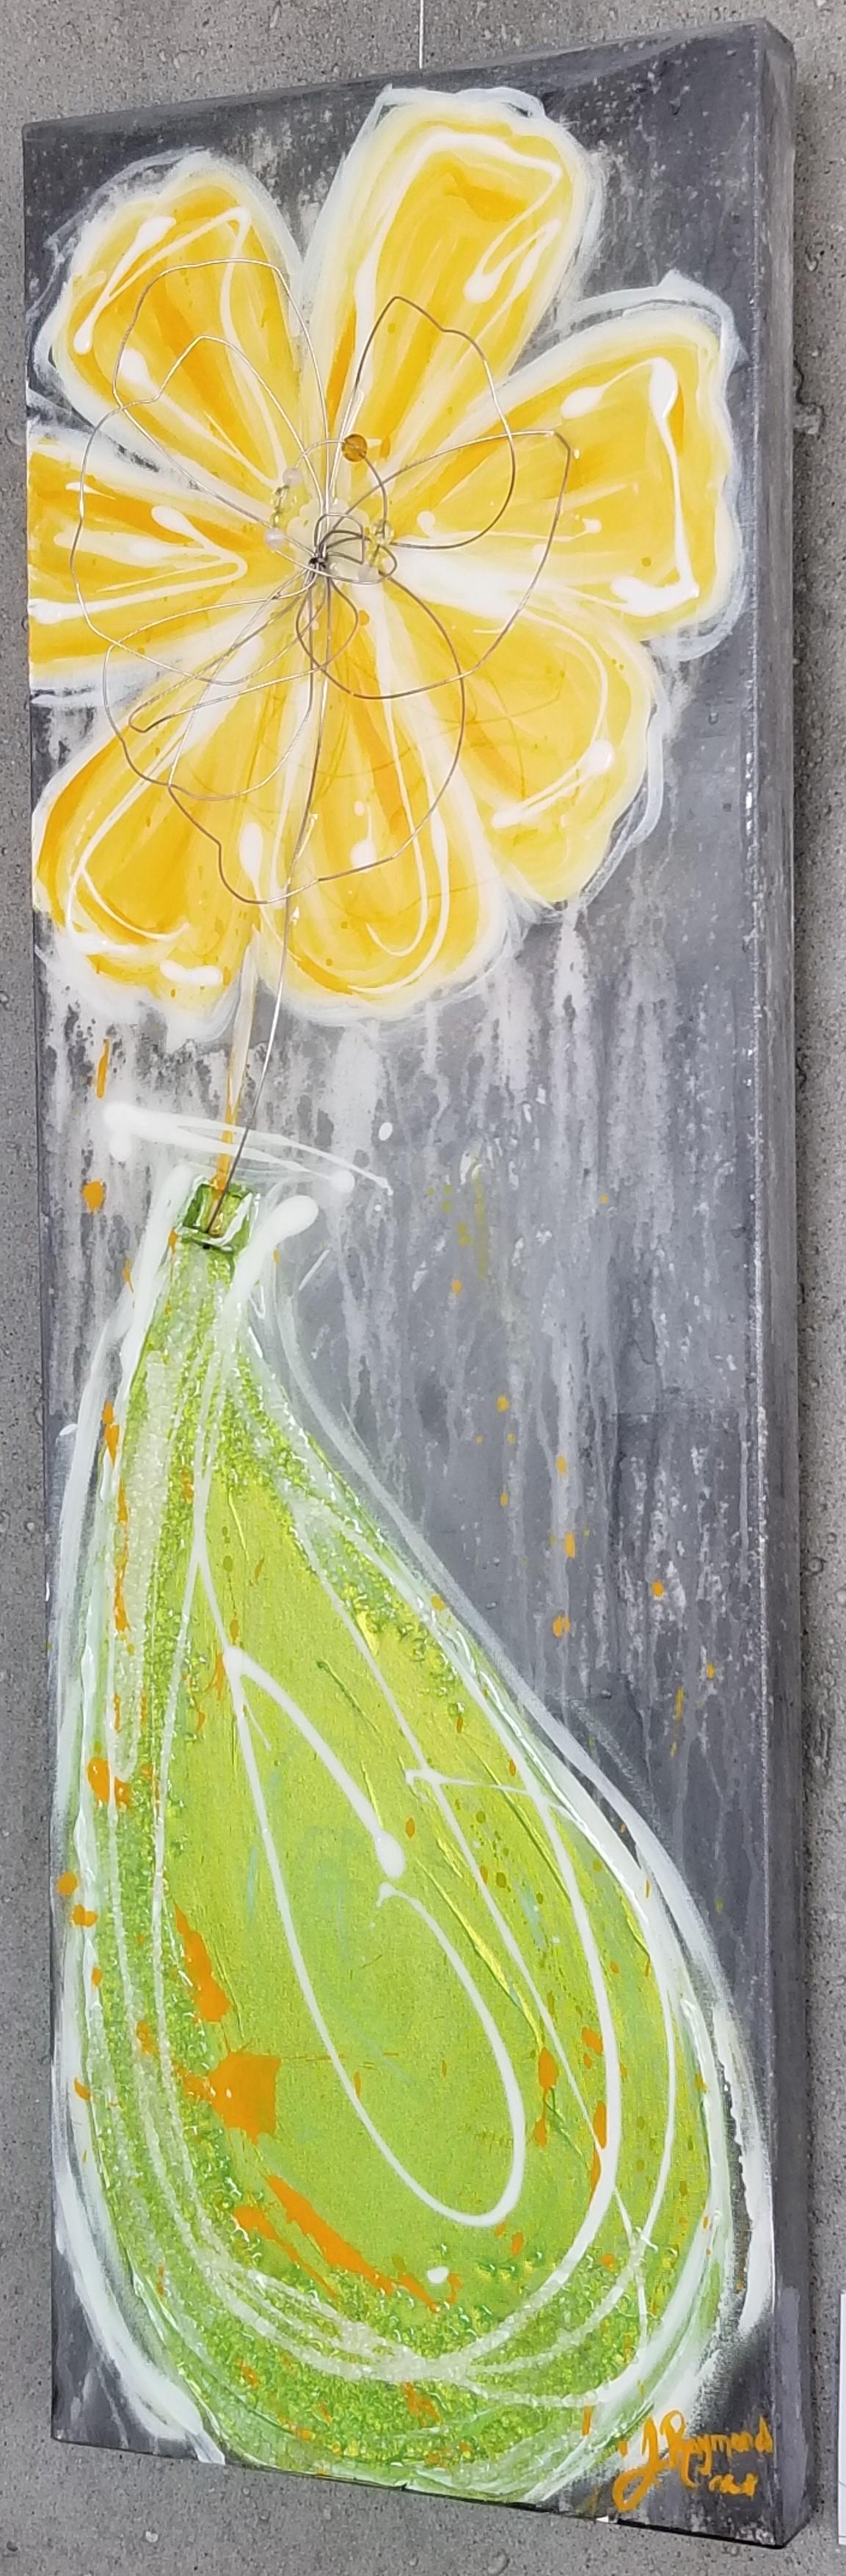 Joannie Raymond-Citron/lime